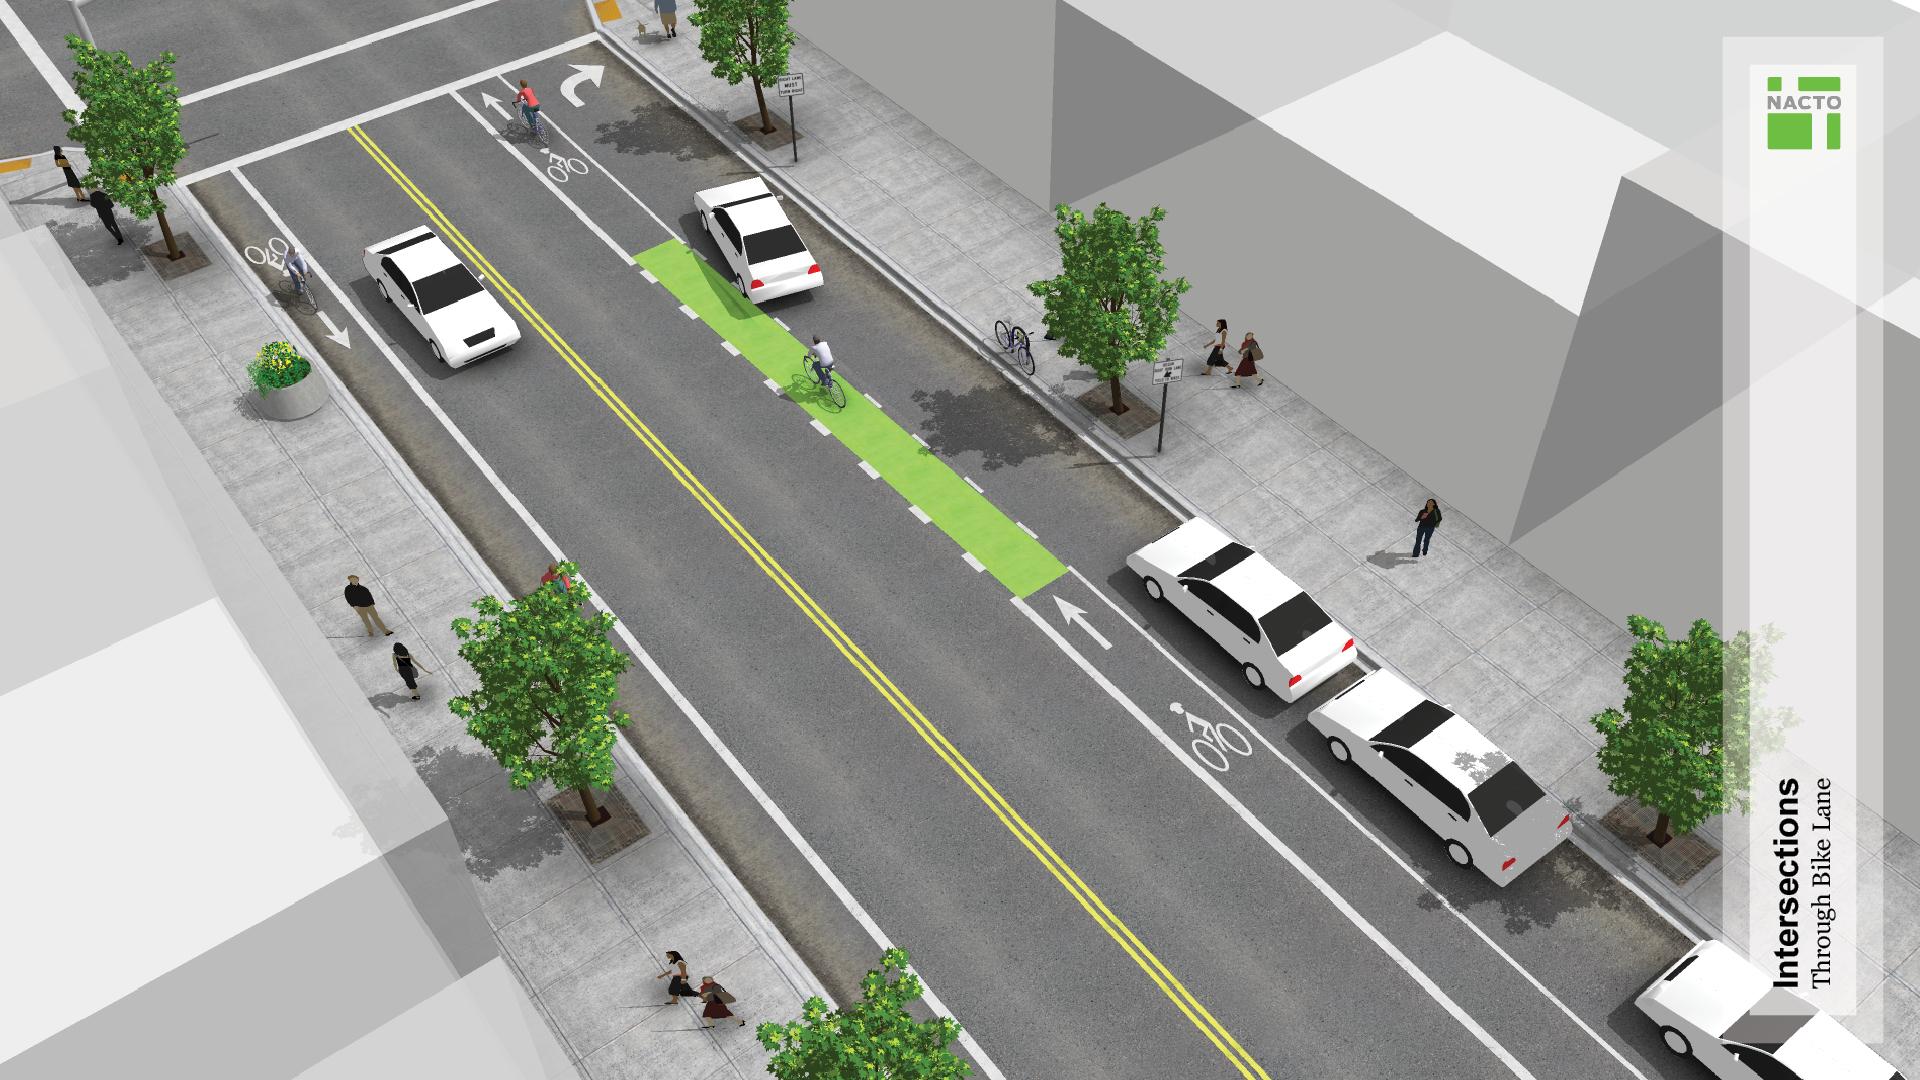 through-bike-lane-birdseye-green